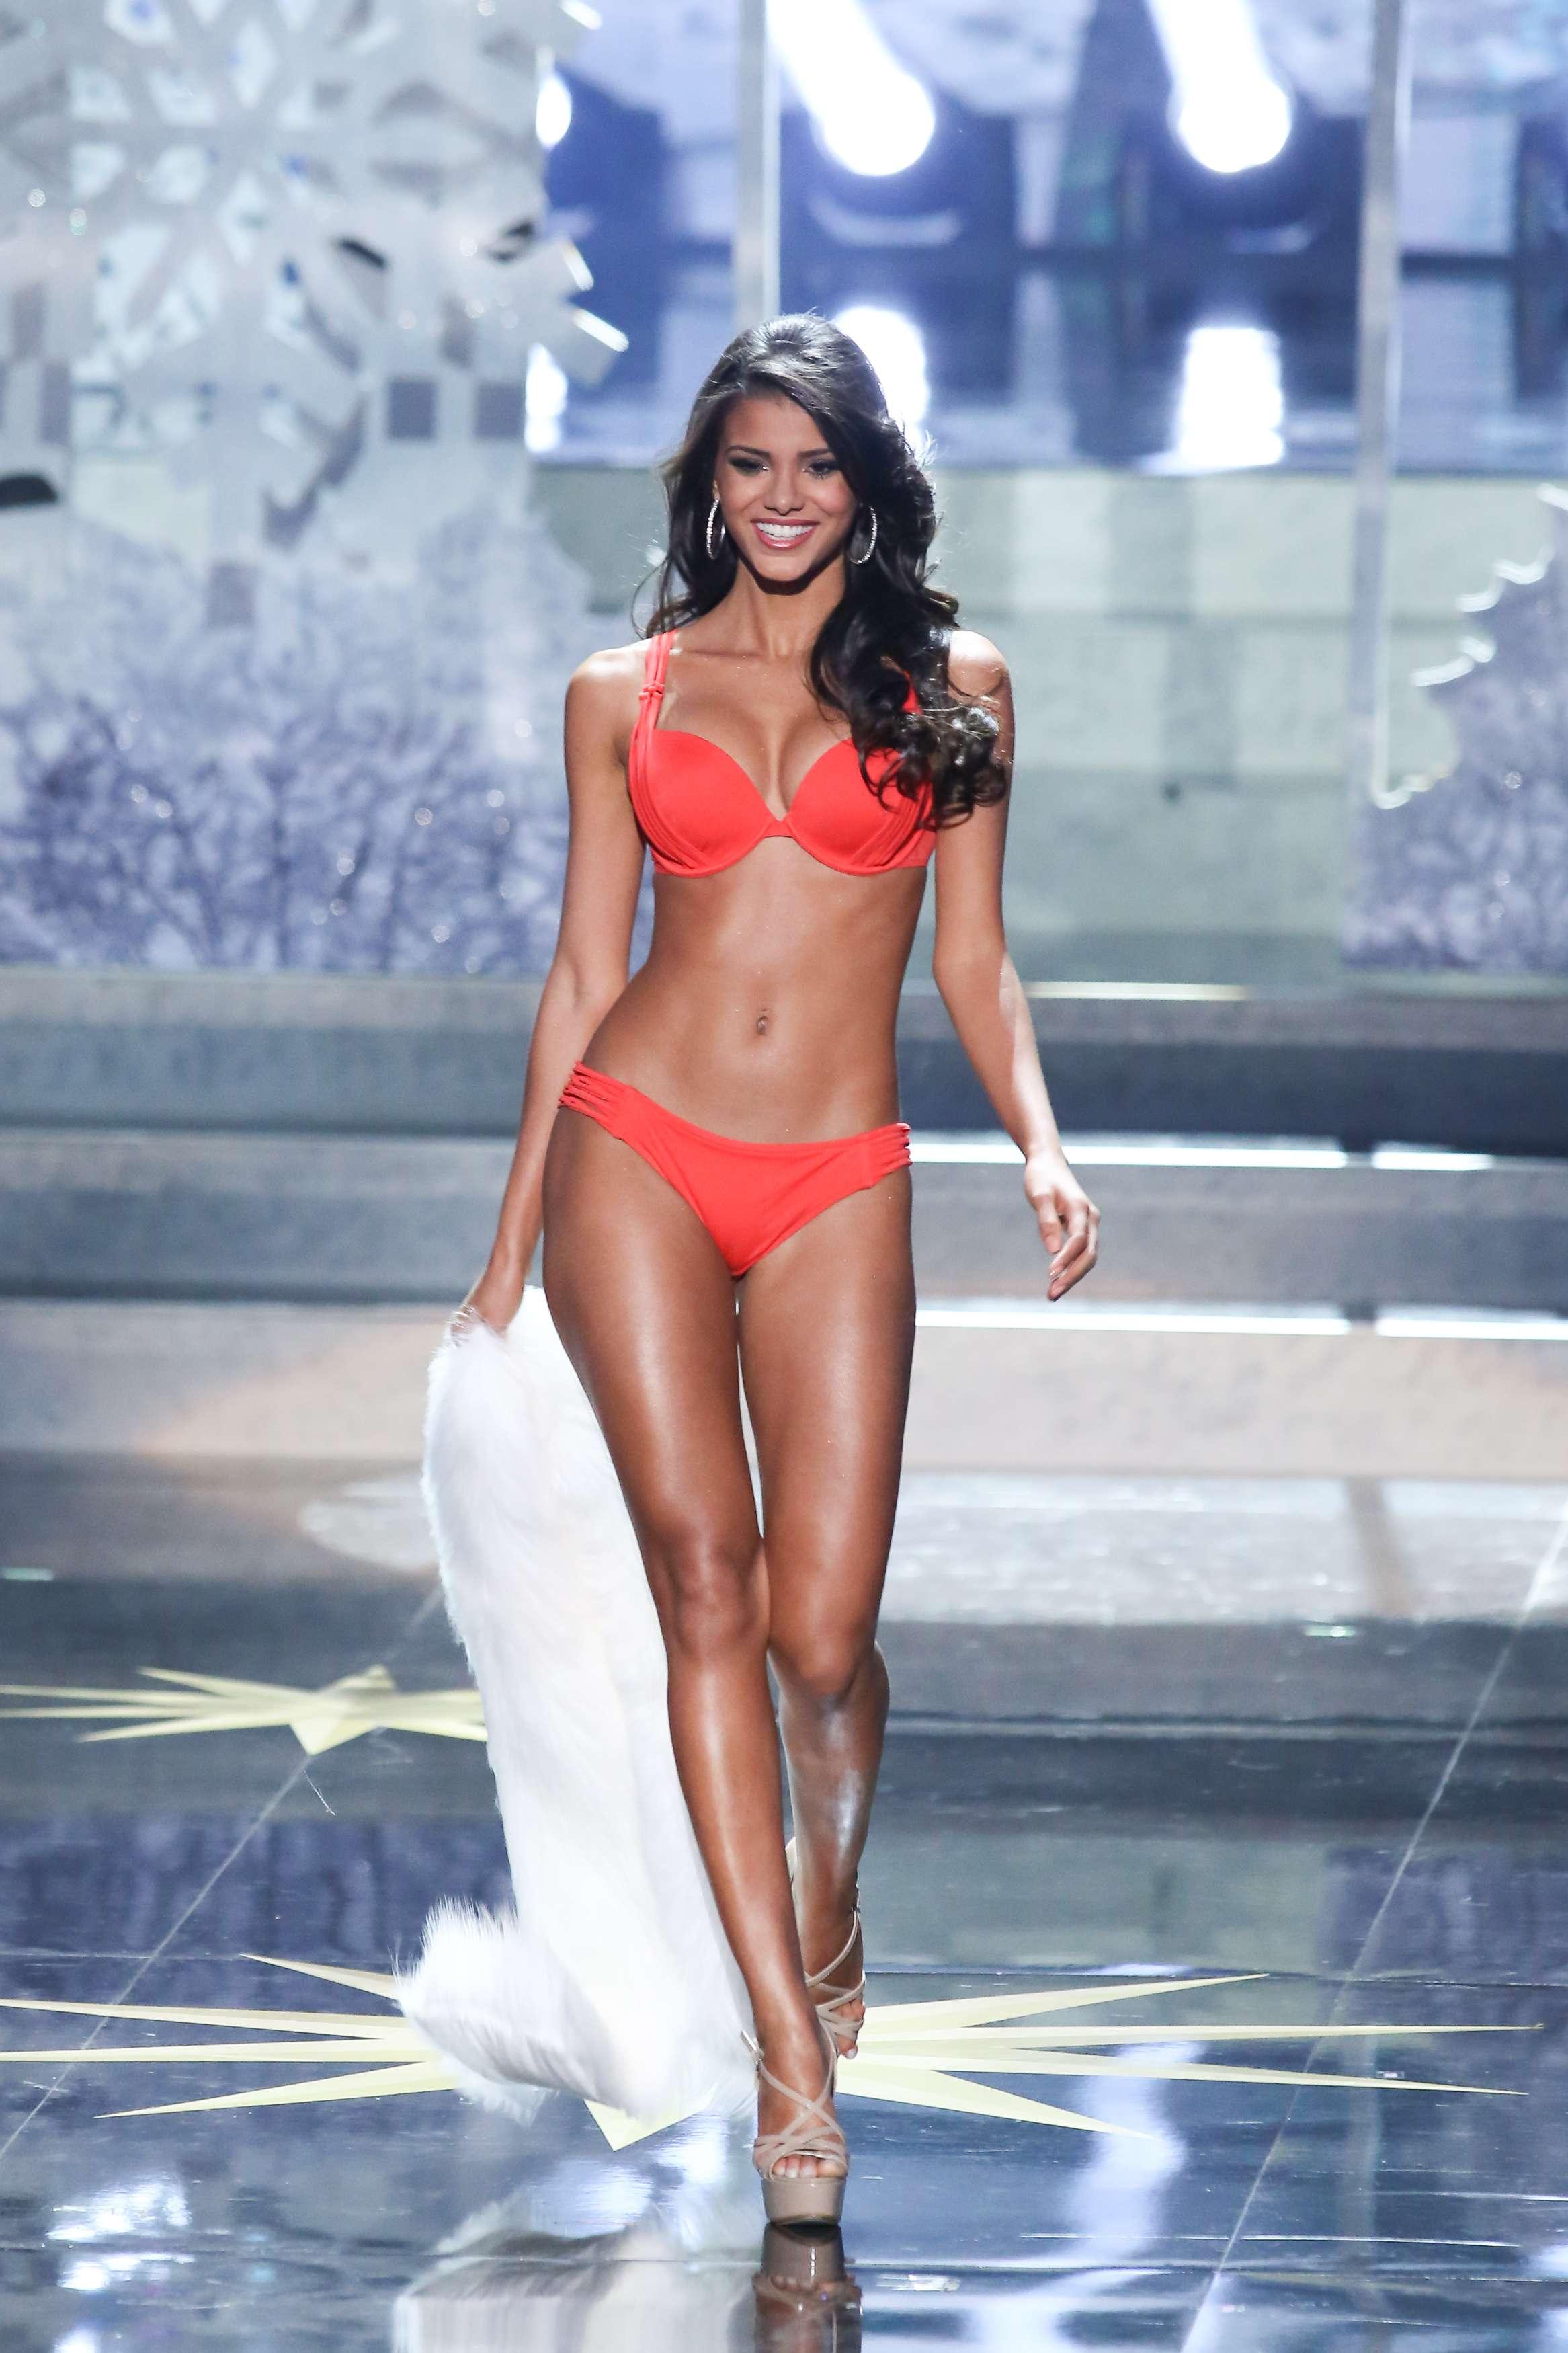 Kaka habría tenido una relación con Jakelyne Oliveira quien fuera Miss Brasil en 2013 Foto: Gettty Image